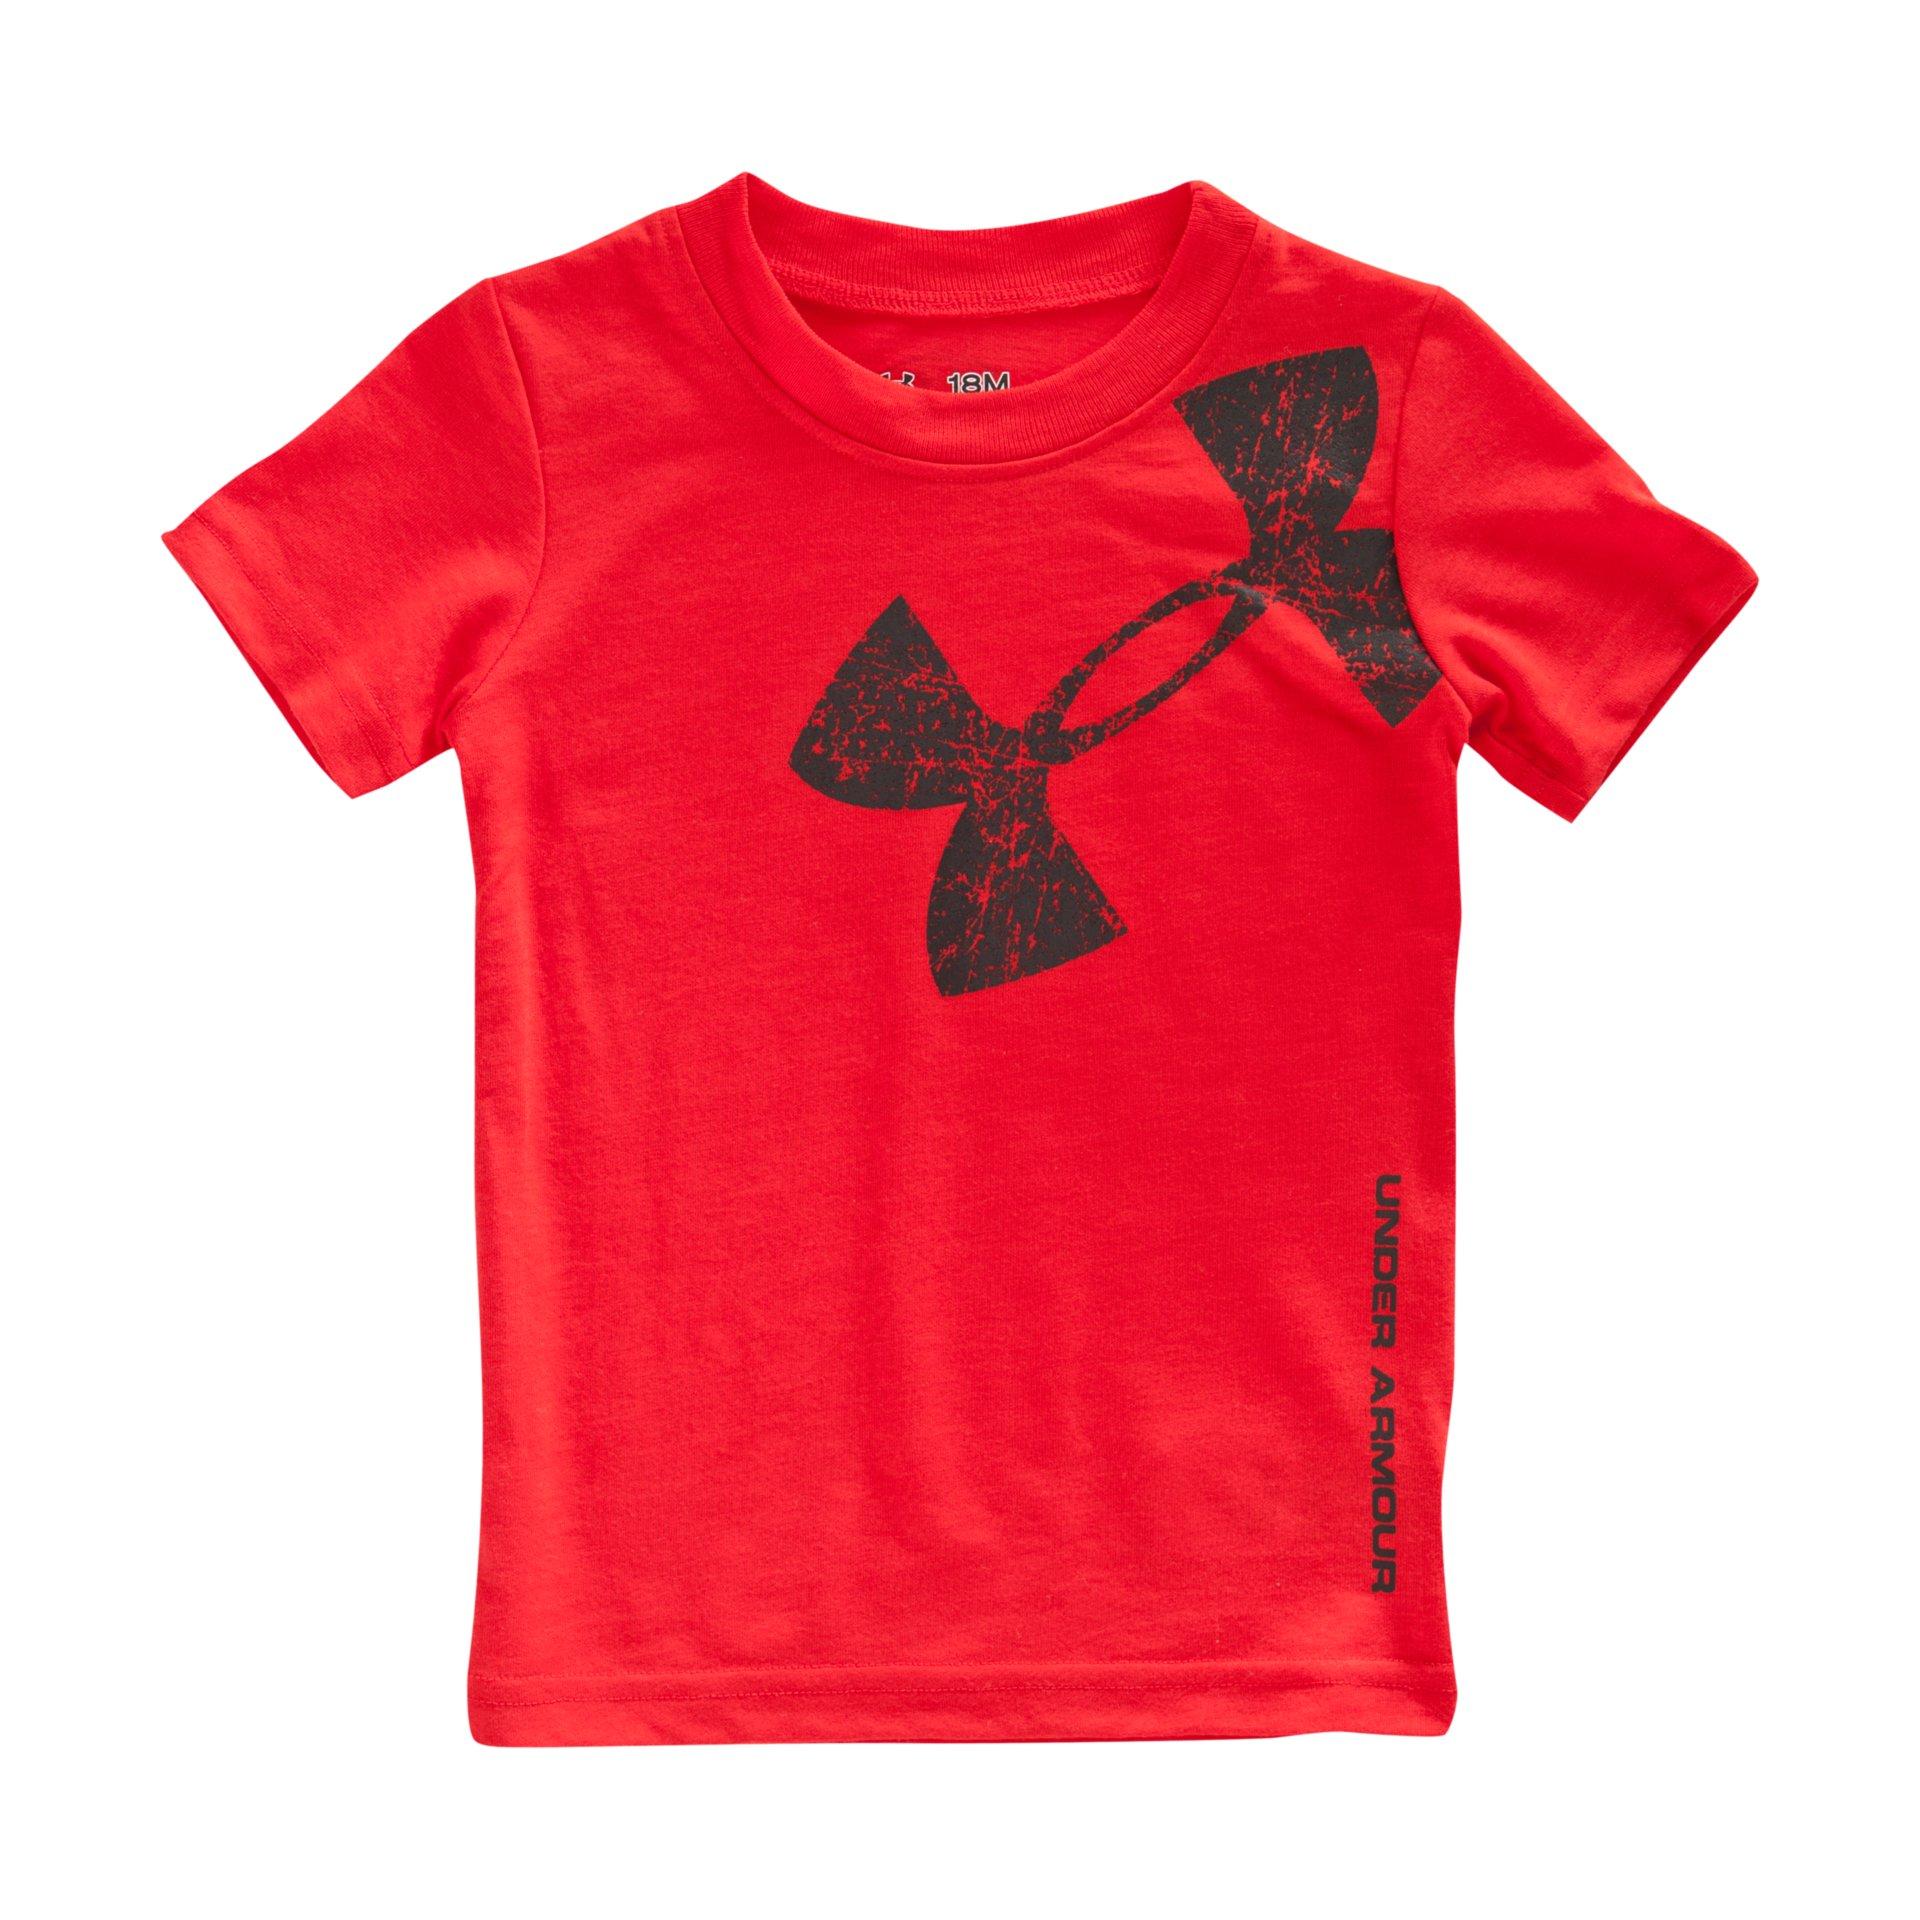 under armour boys shirts sale